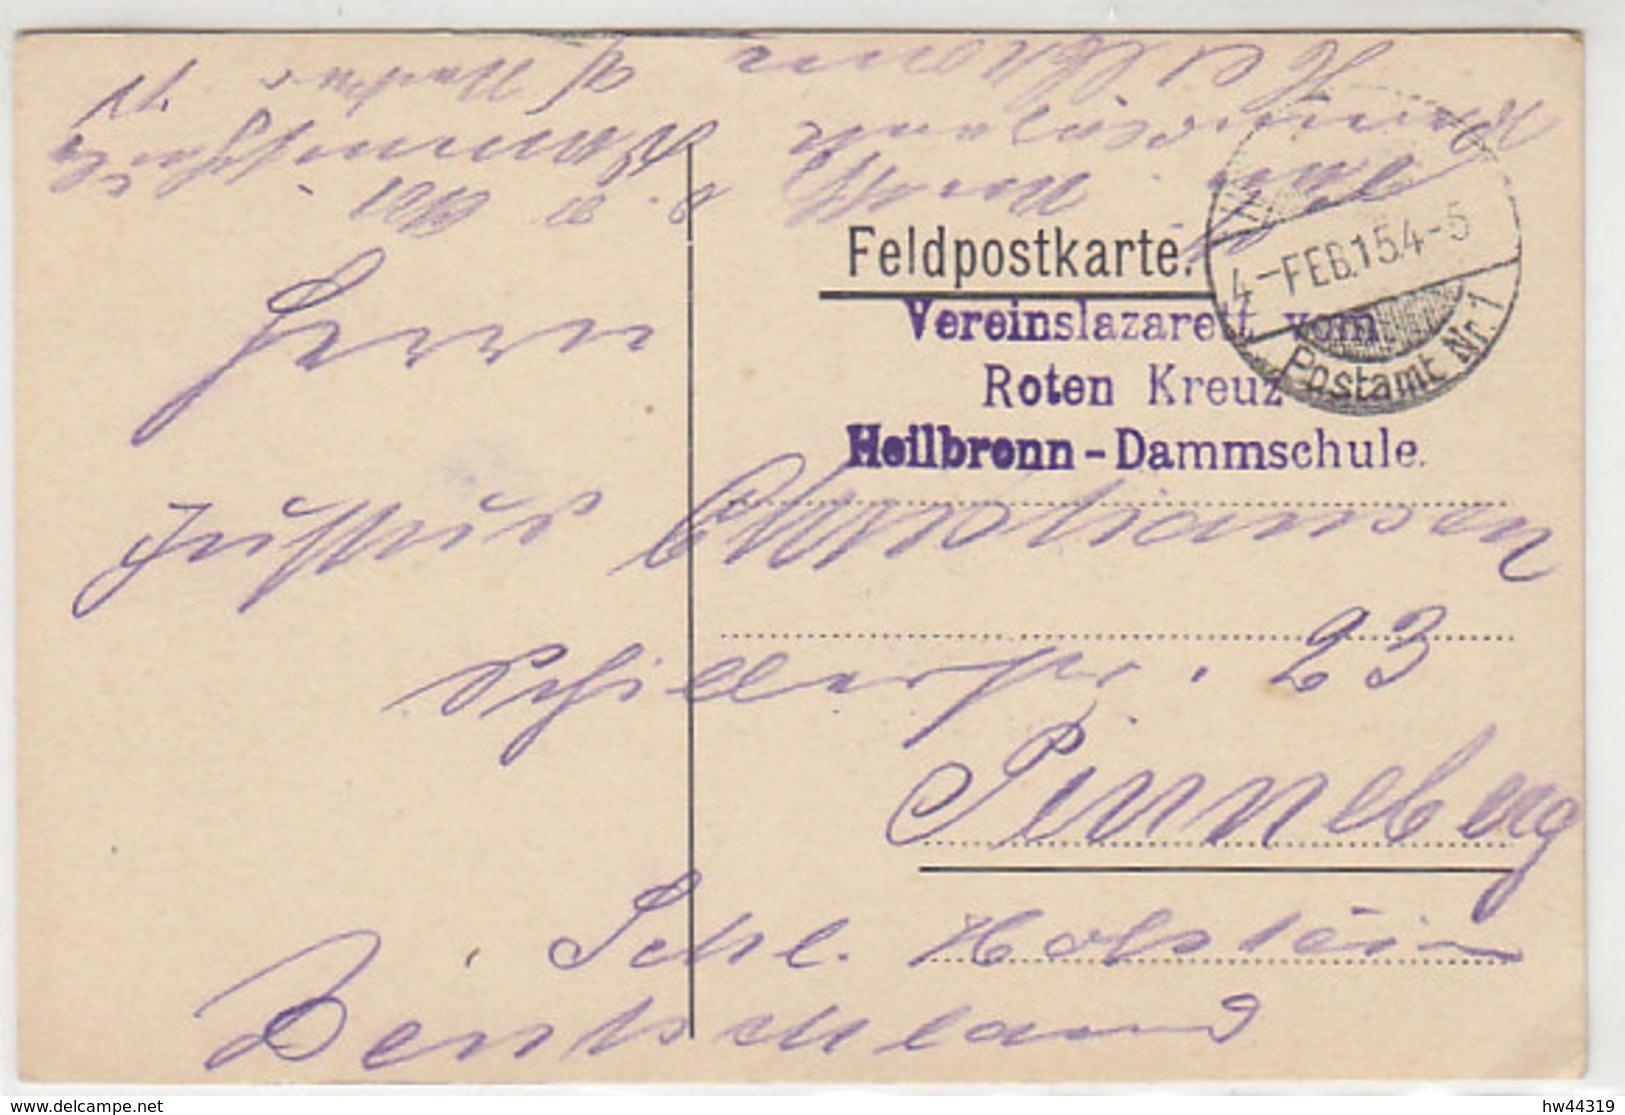 Feldpost Vom Vereinslazarett Vom Roten Kreuz Heilbronn-Dammschule 4.2.15 - Germany